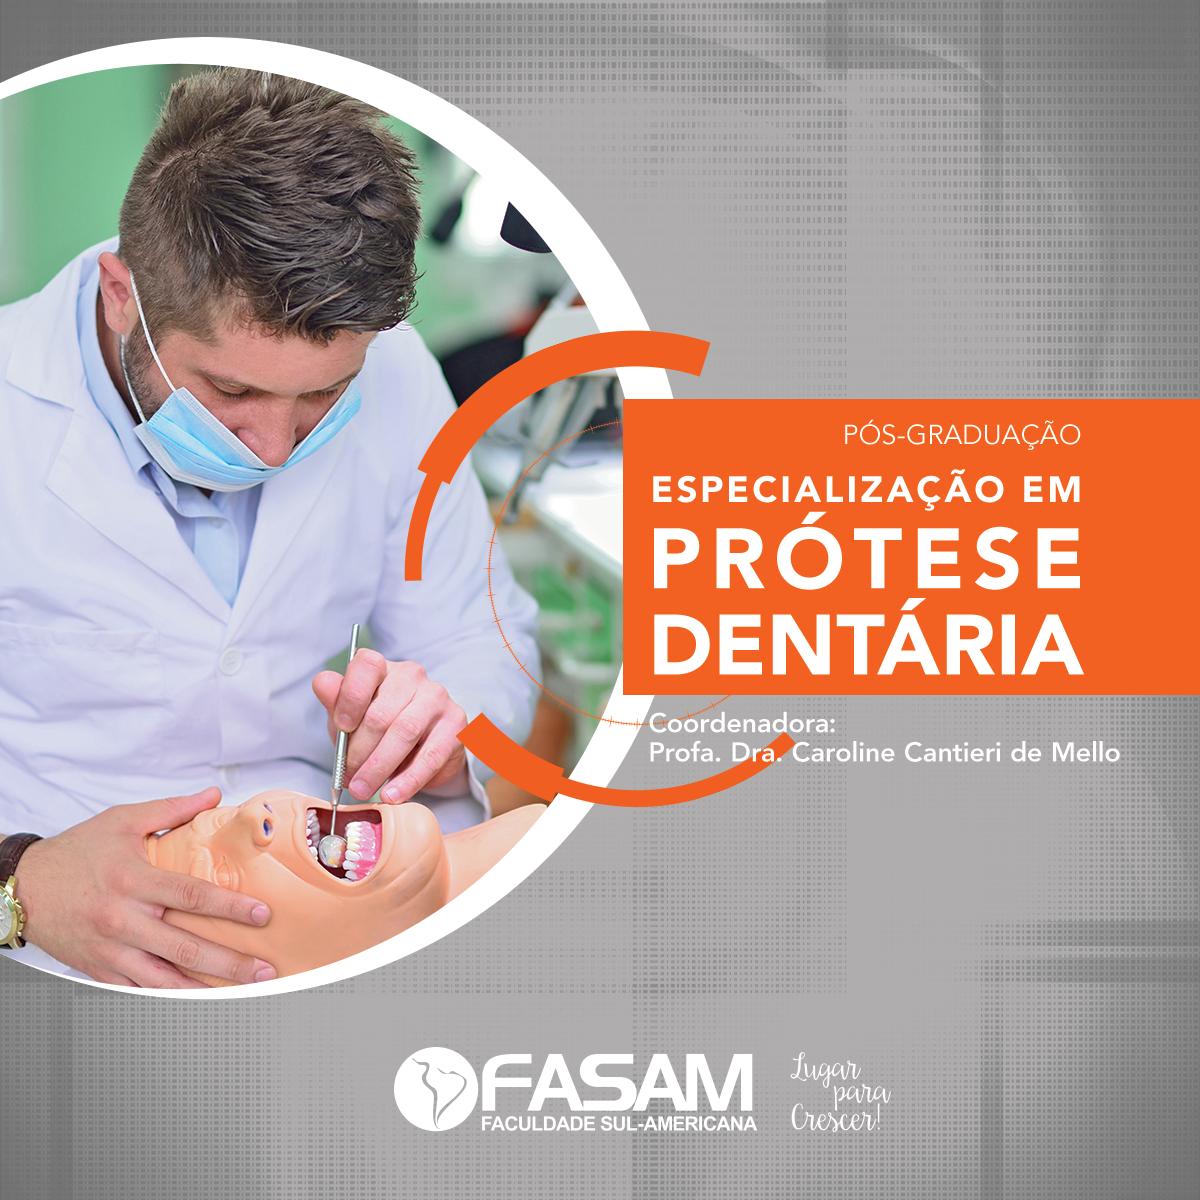 Pós-Graduação em Prótese Dentária da Fasam - Faculdade Sul-Americana